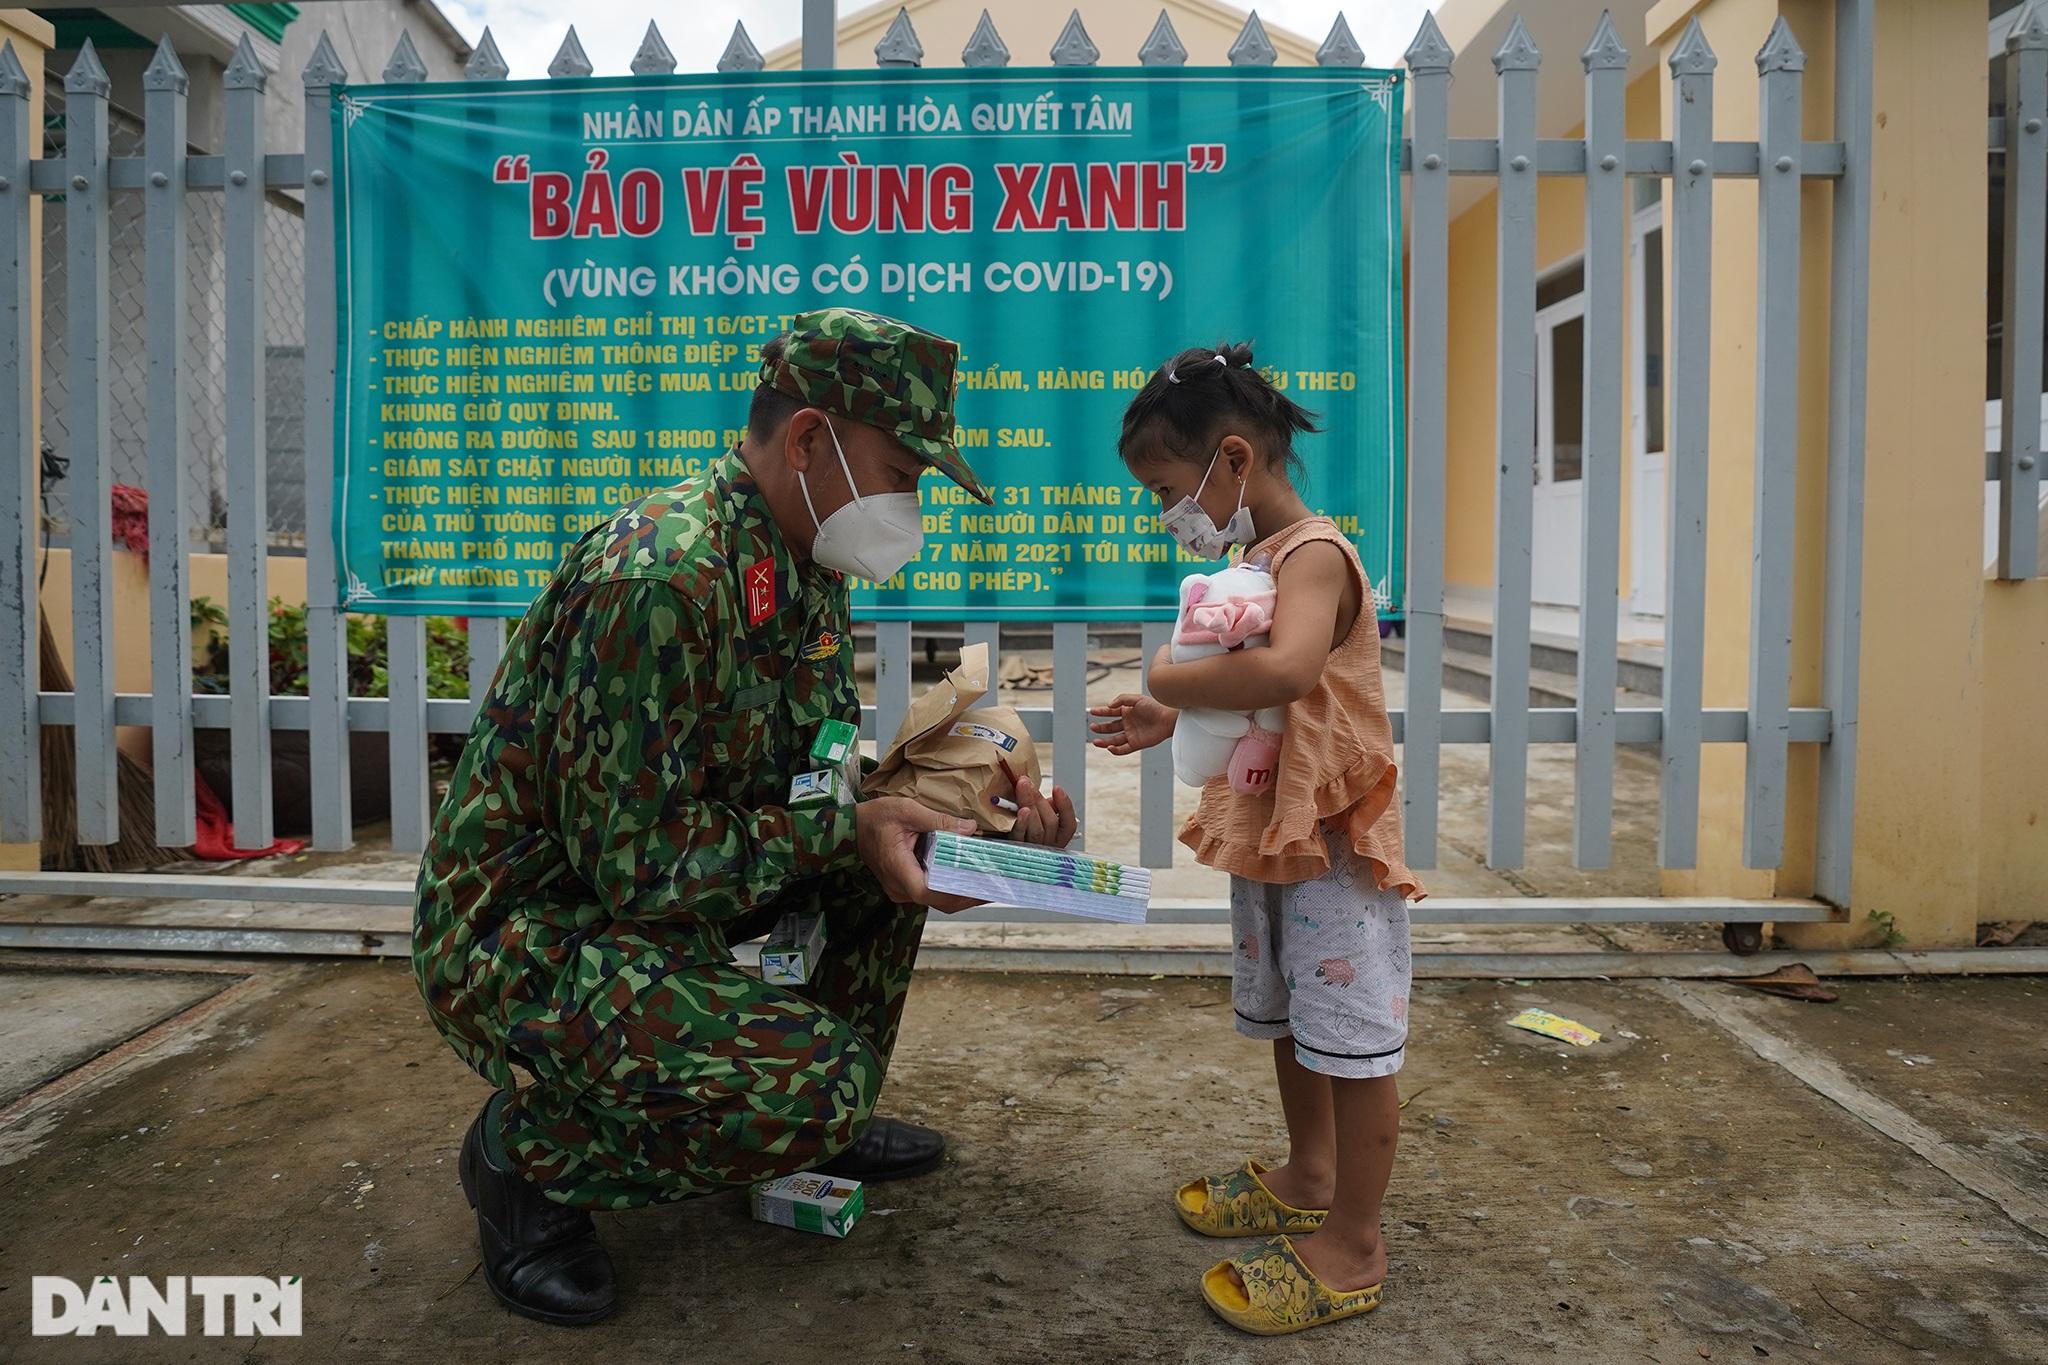 Trẻ em xã đảo vùng xanh ở TPHCM chơi lồng đèn làm bằng vỏ lon, hộp sữa - 10